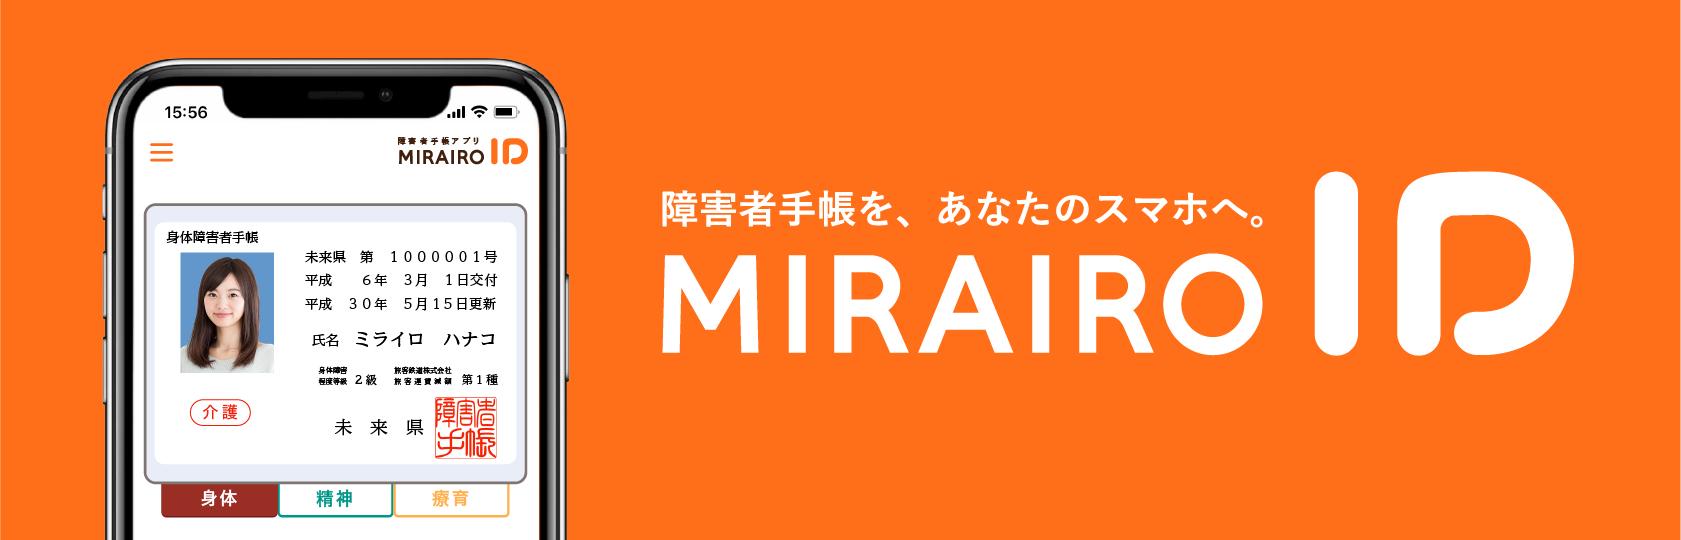 【バナー】ミライロID